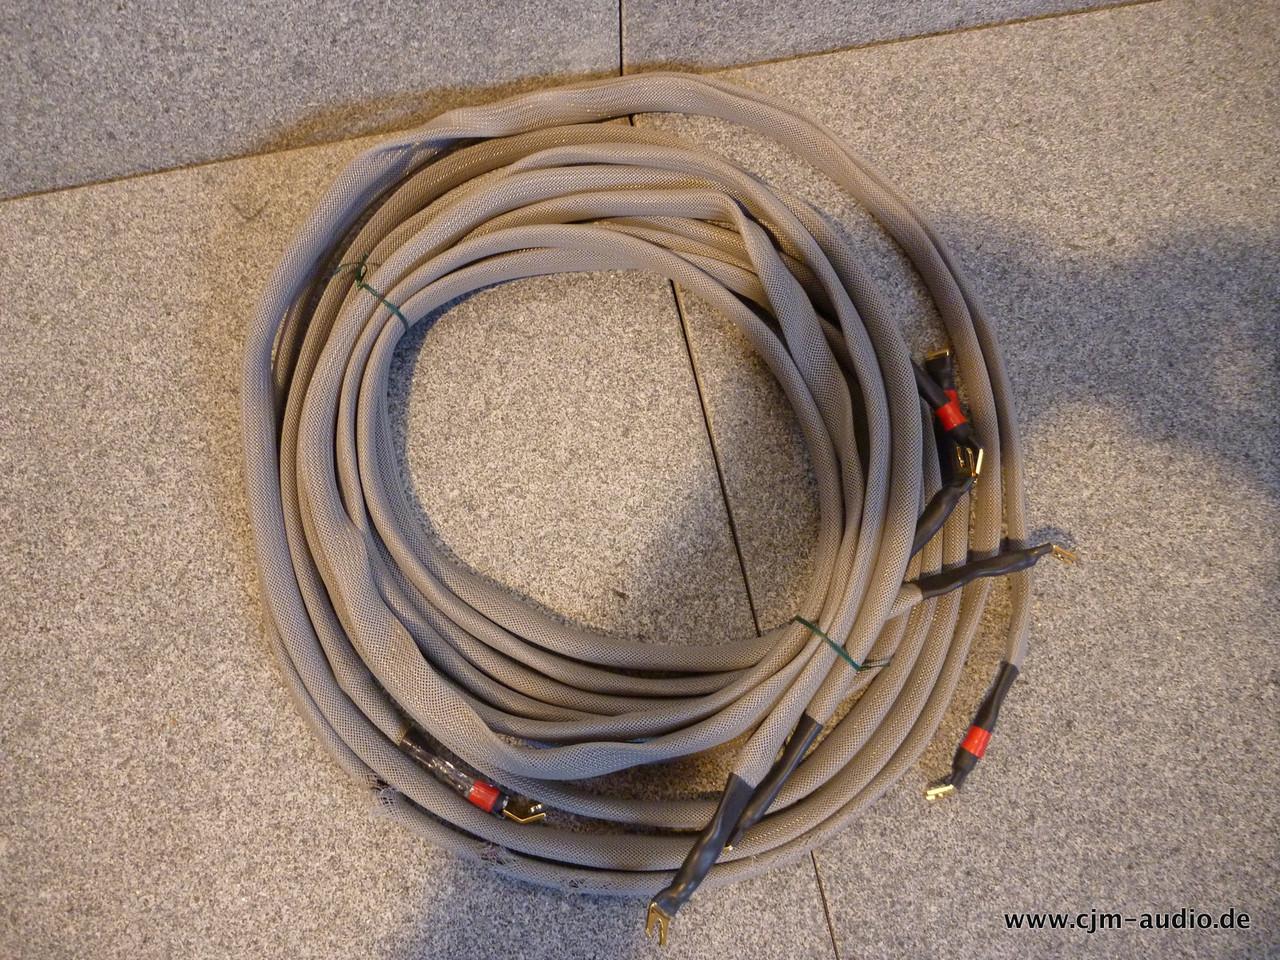 Bastanis Lautsprecherkabel 4x 2,7 m - cjm-audio High End Audiomarkt ...